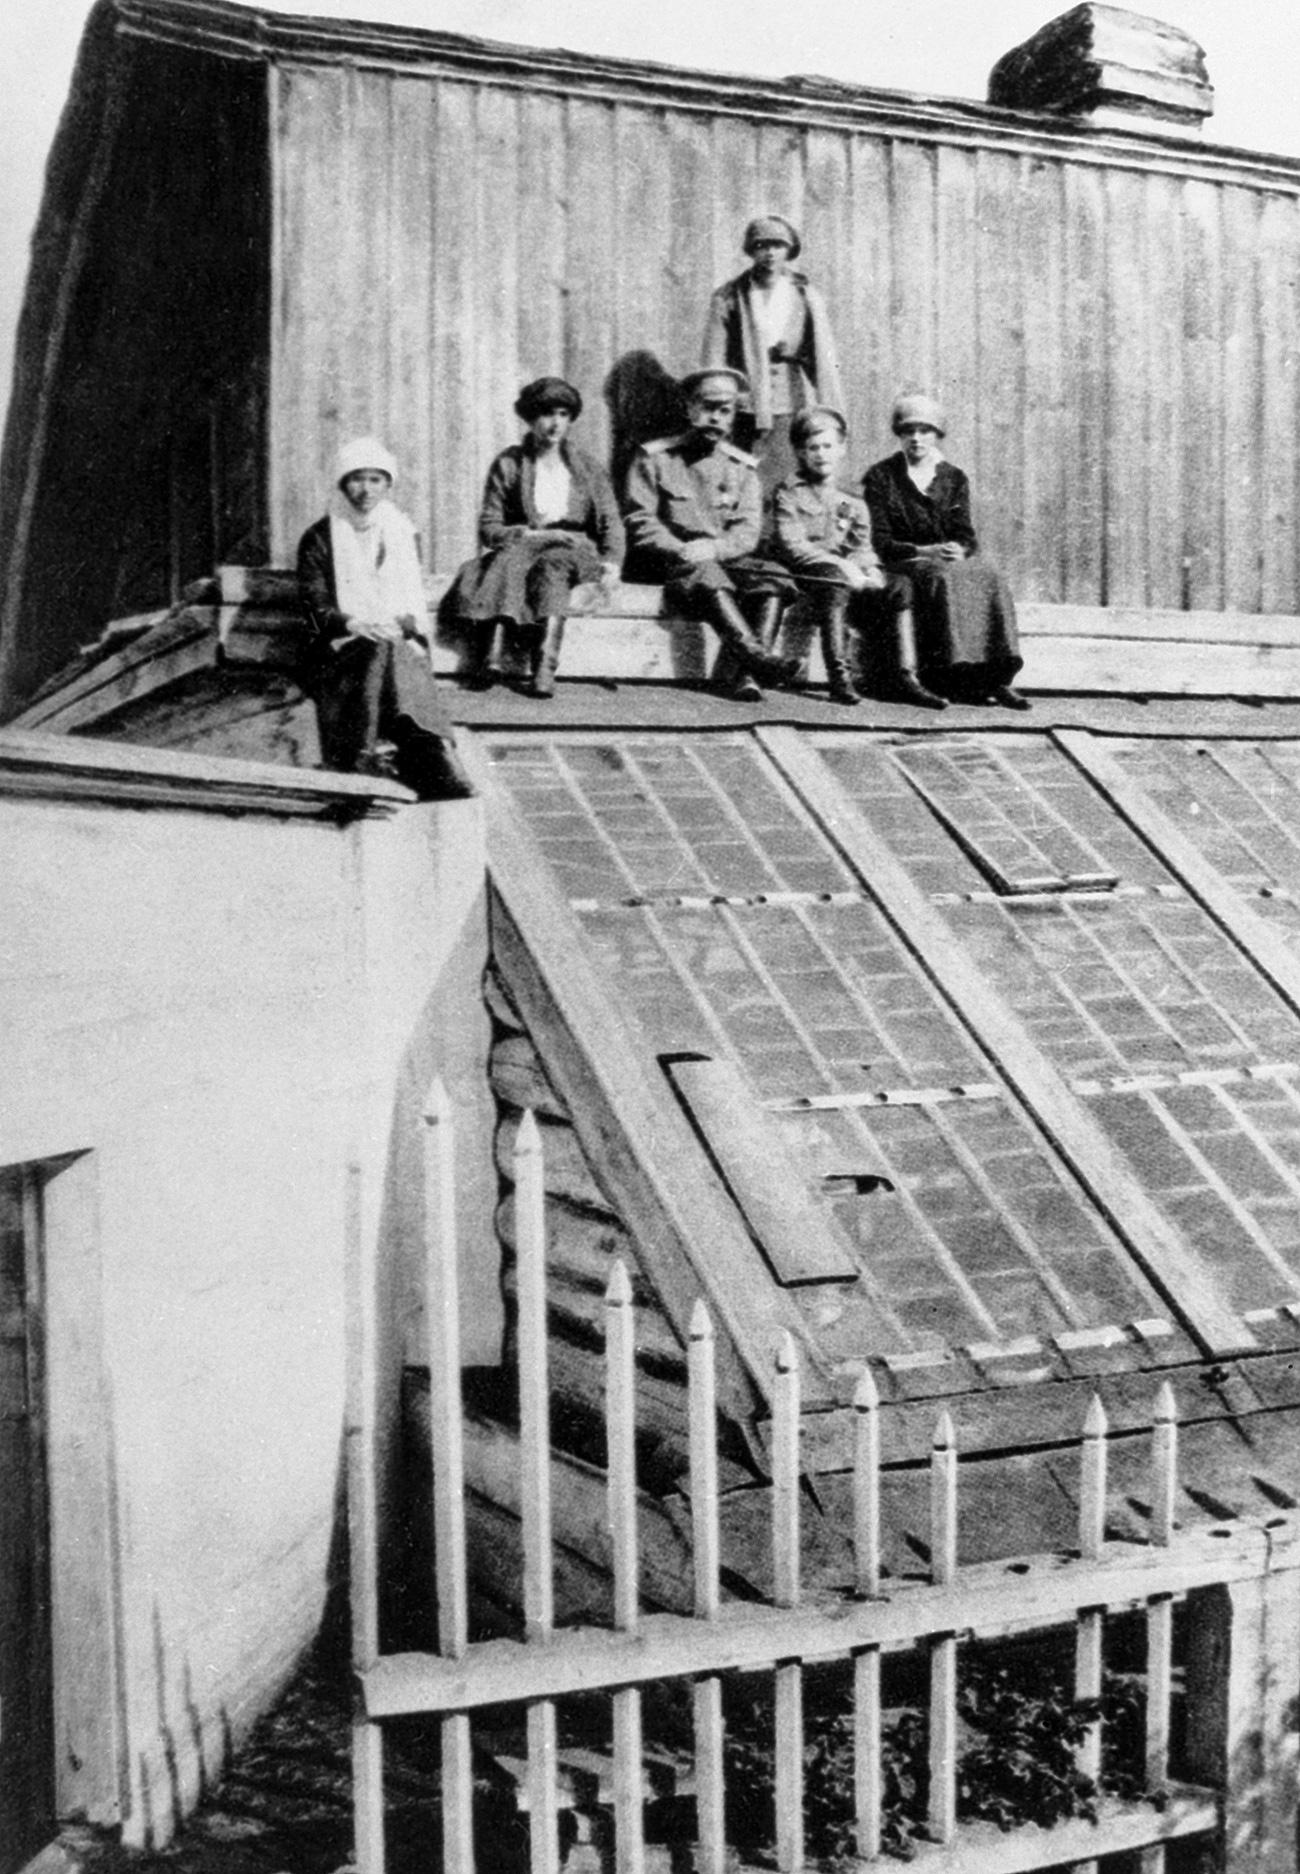 I Romanov sul tetto della casa di Tobolsk dove vennero mandati in esilio prima di essere trasferiti a Ekaterinburg, dove vennero fucilati, 1918. Fonte: Ria Novosti